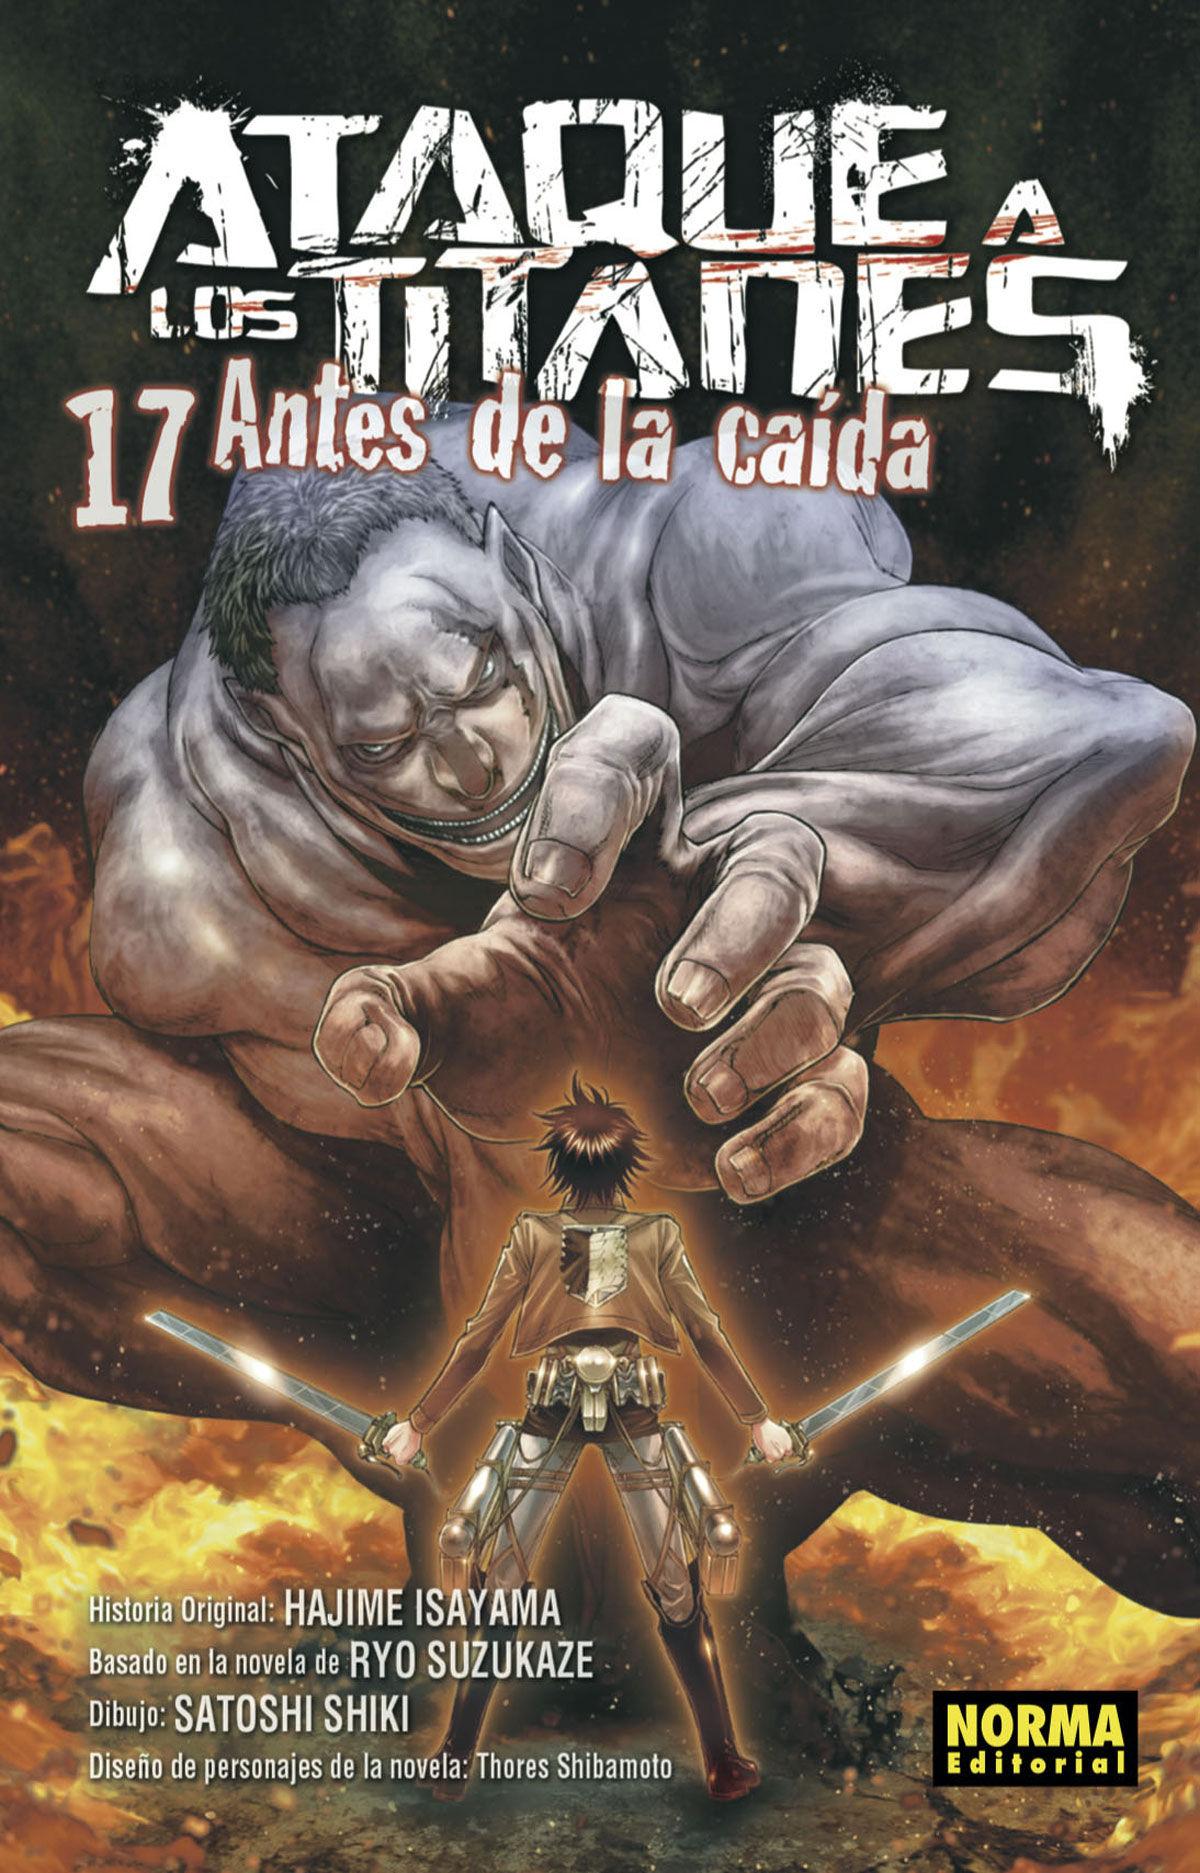 ATAQUE A LOS TITANES AN TES DE LA CAÍDA 17